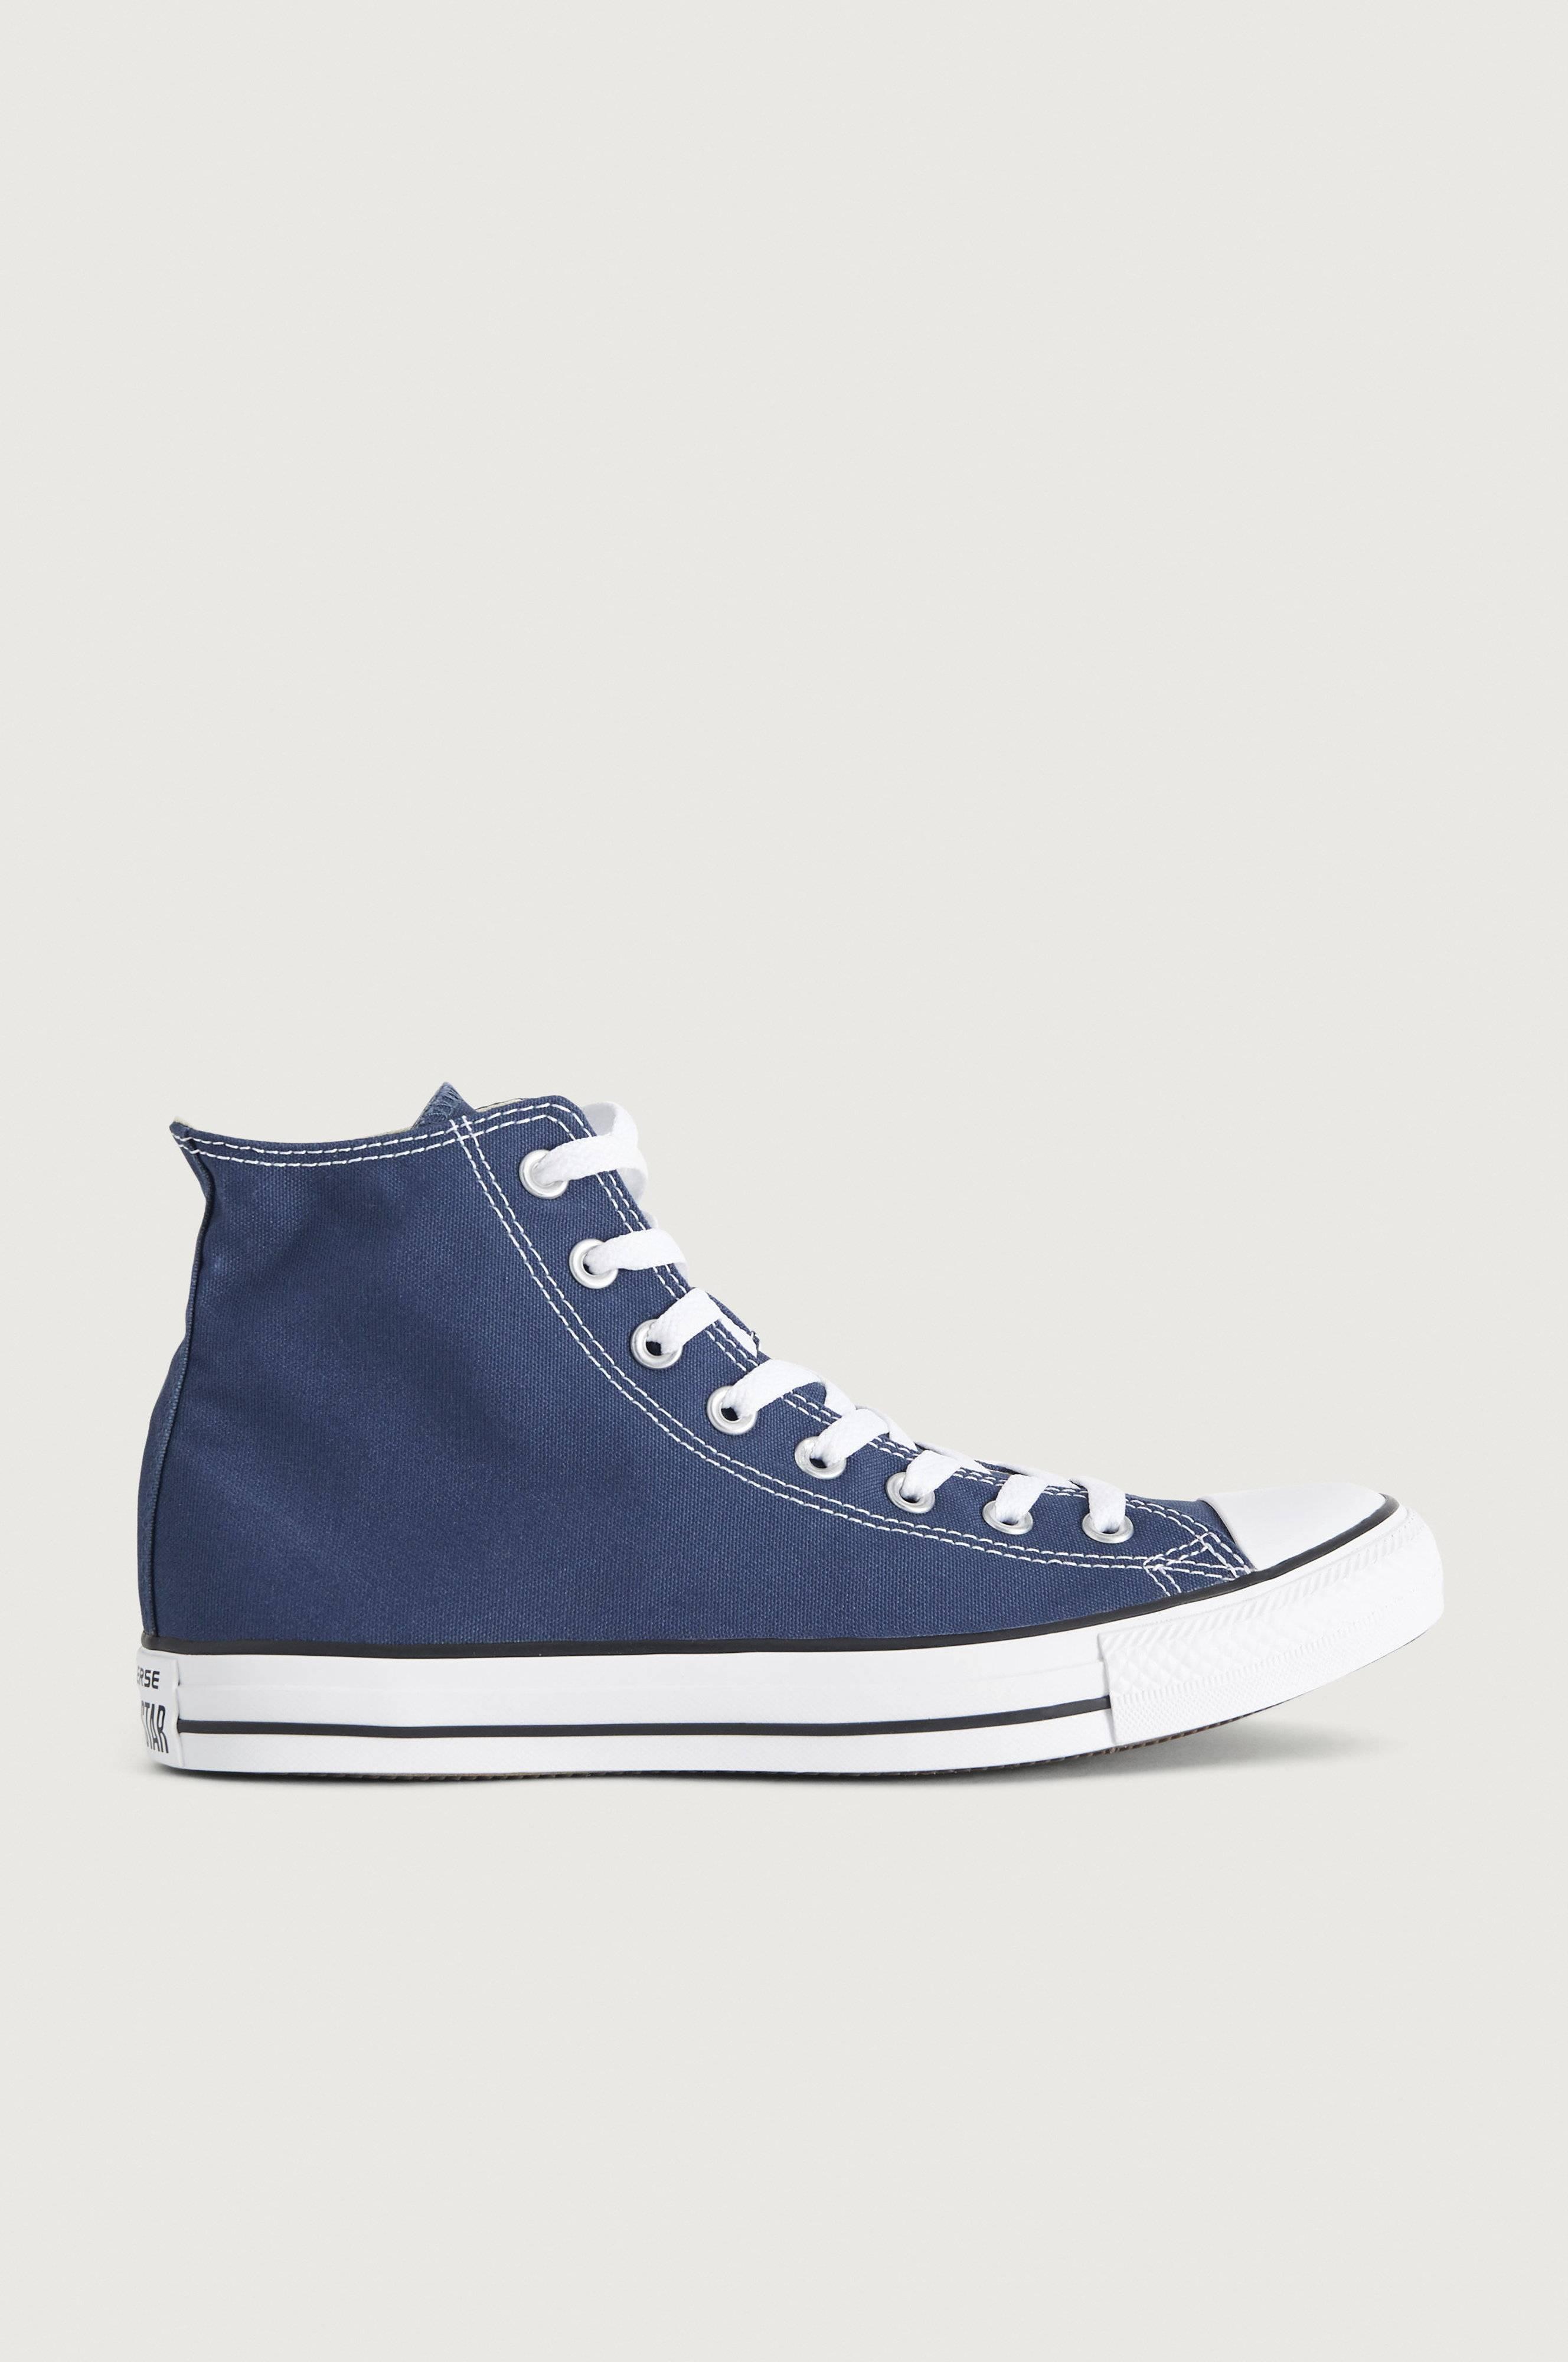 Converse All Star High Sneakers Blå